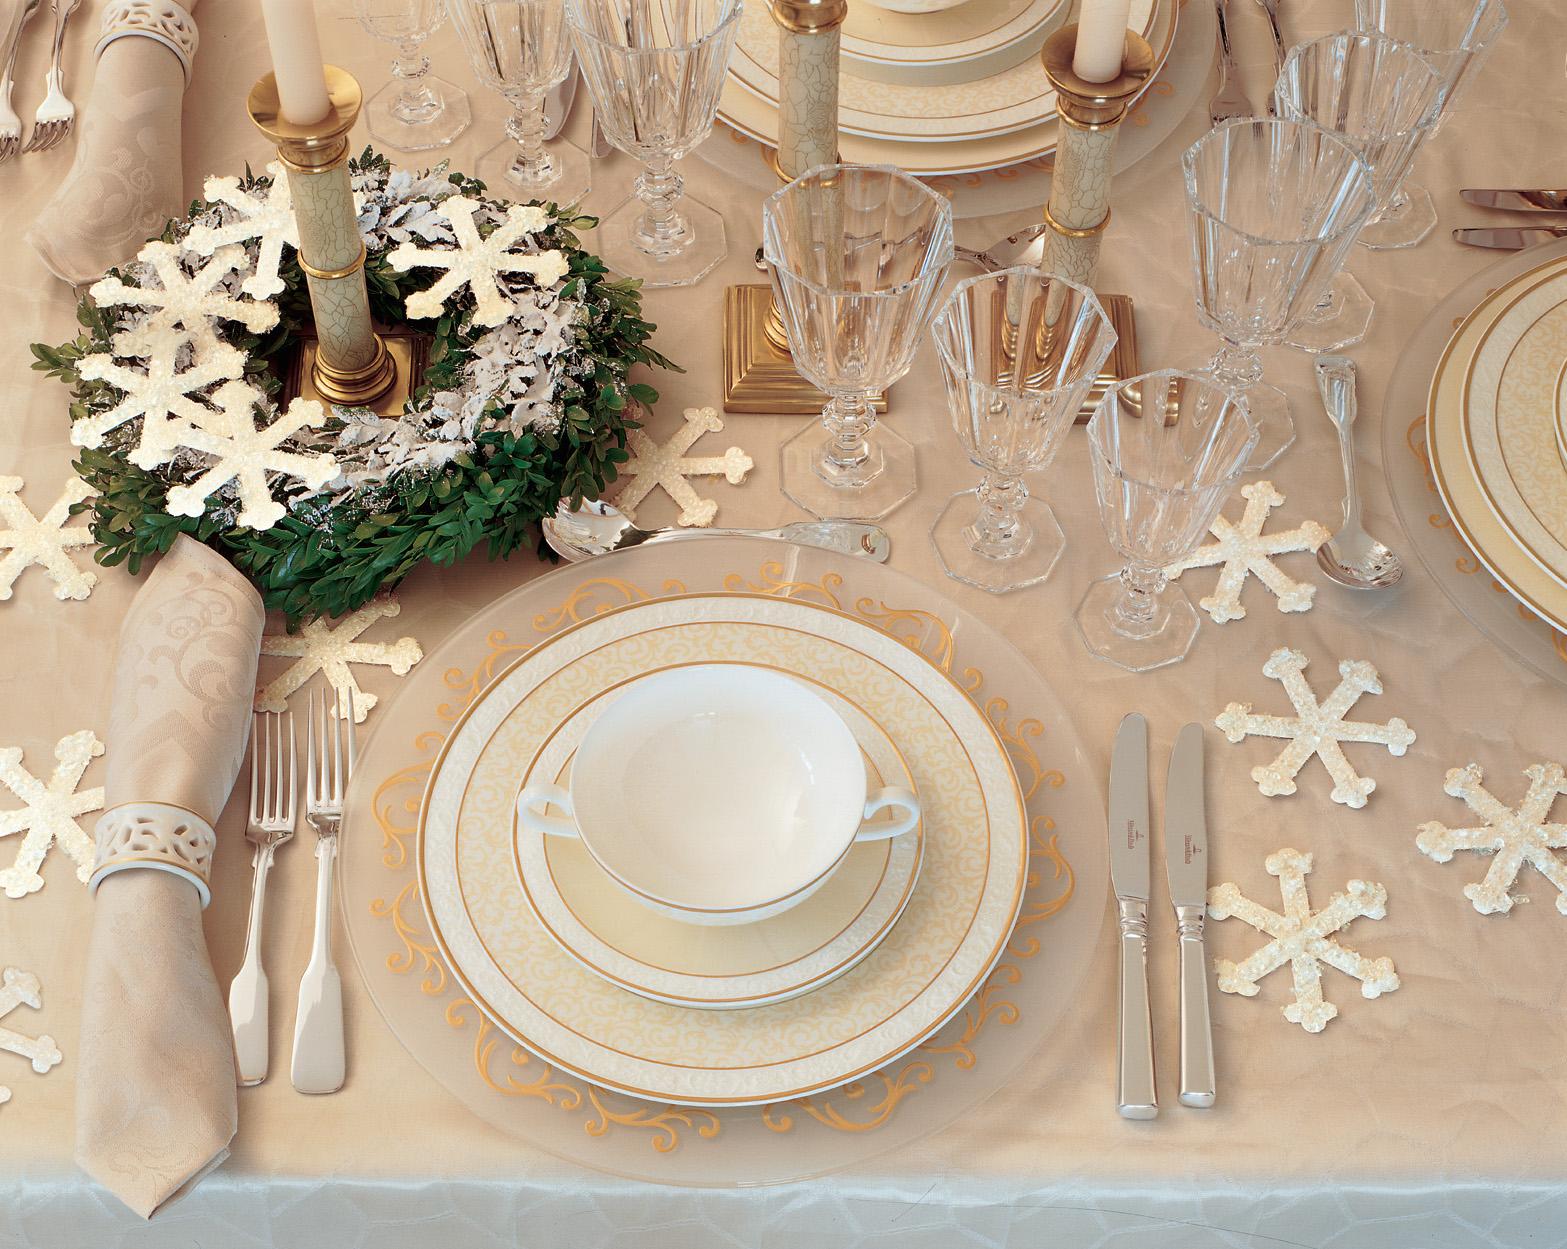 Sử dụng những hình ảnh đặc trưng của mùa đông để trang trí tiệc cưới thêm phần ấn tượng